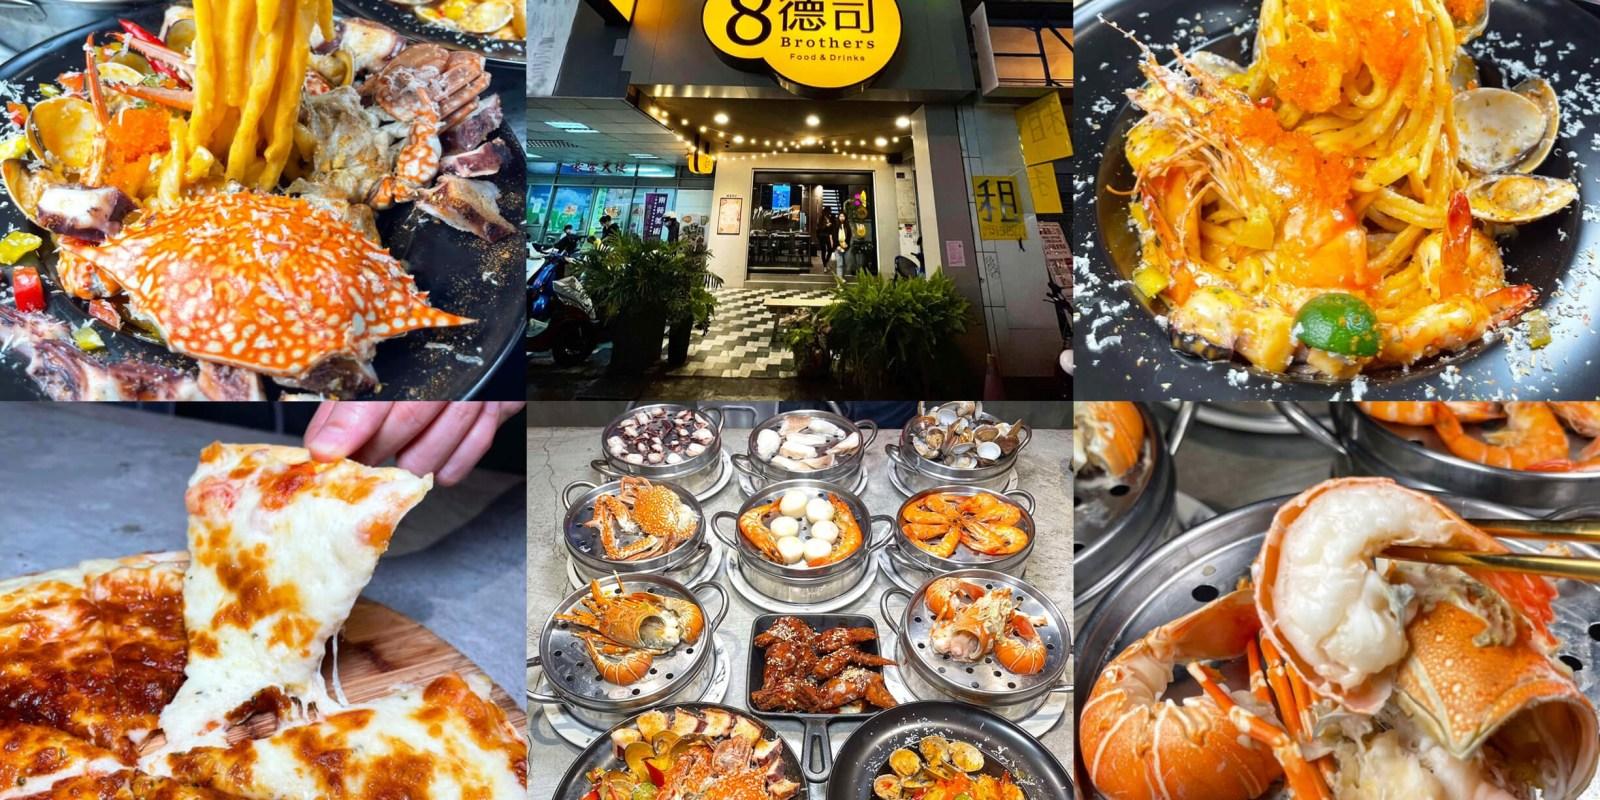 [台中美食] 8德司創意餐館 - 居然有賣海鮮蒸煮鍋!創意料理的義大利麵餐廳